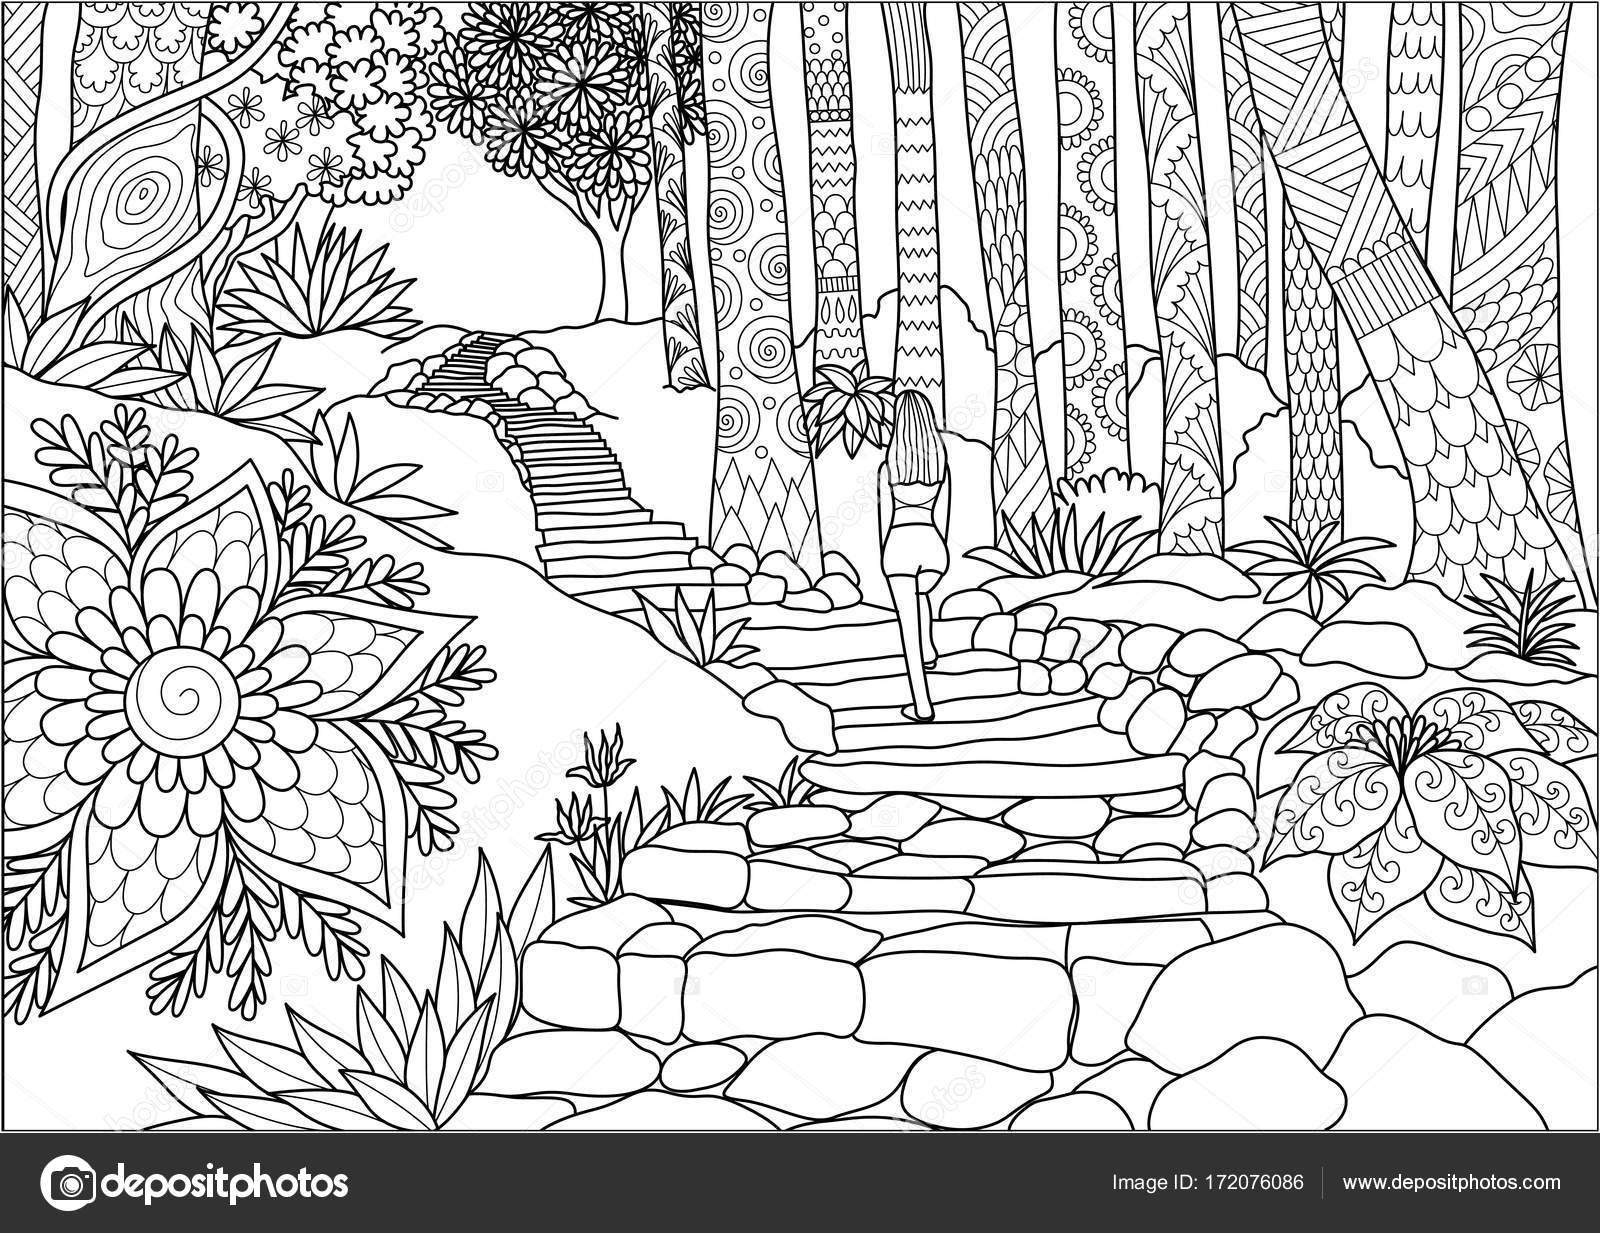 Kız Adım Orman Boyama Kitabı Sayfası Ve Illüstrasyon Için